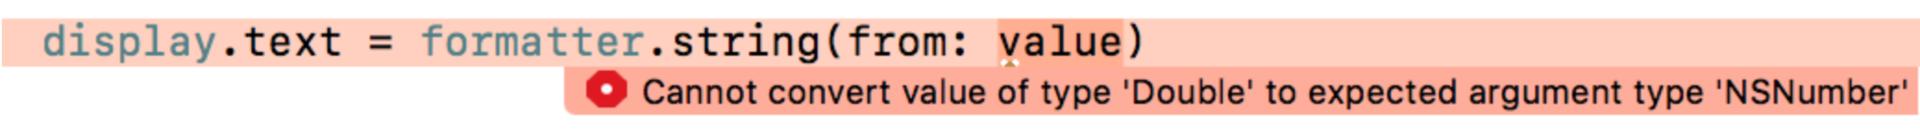 Переходим на Swift 3 с помощью миграционного «робота» в Xcode 8.1 и 8.2 - 21